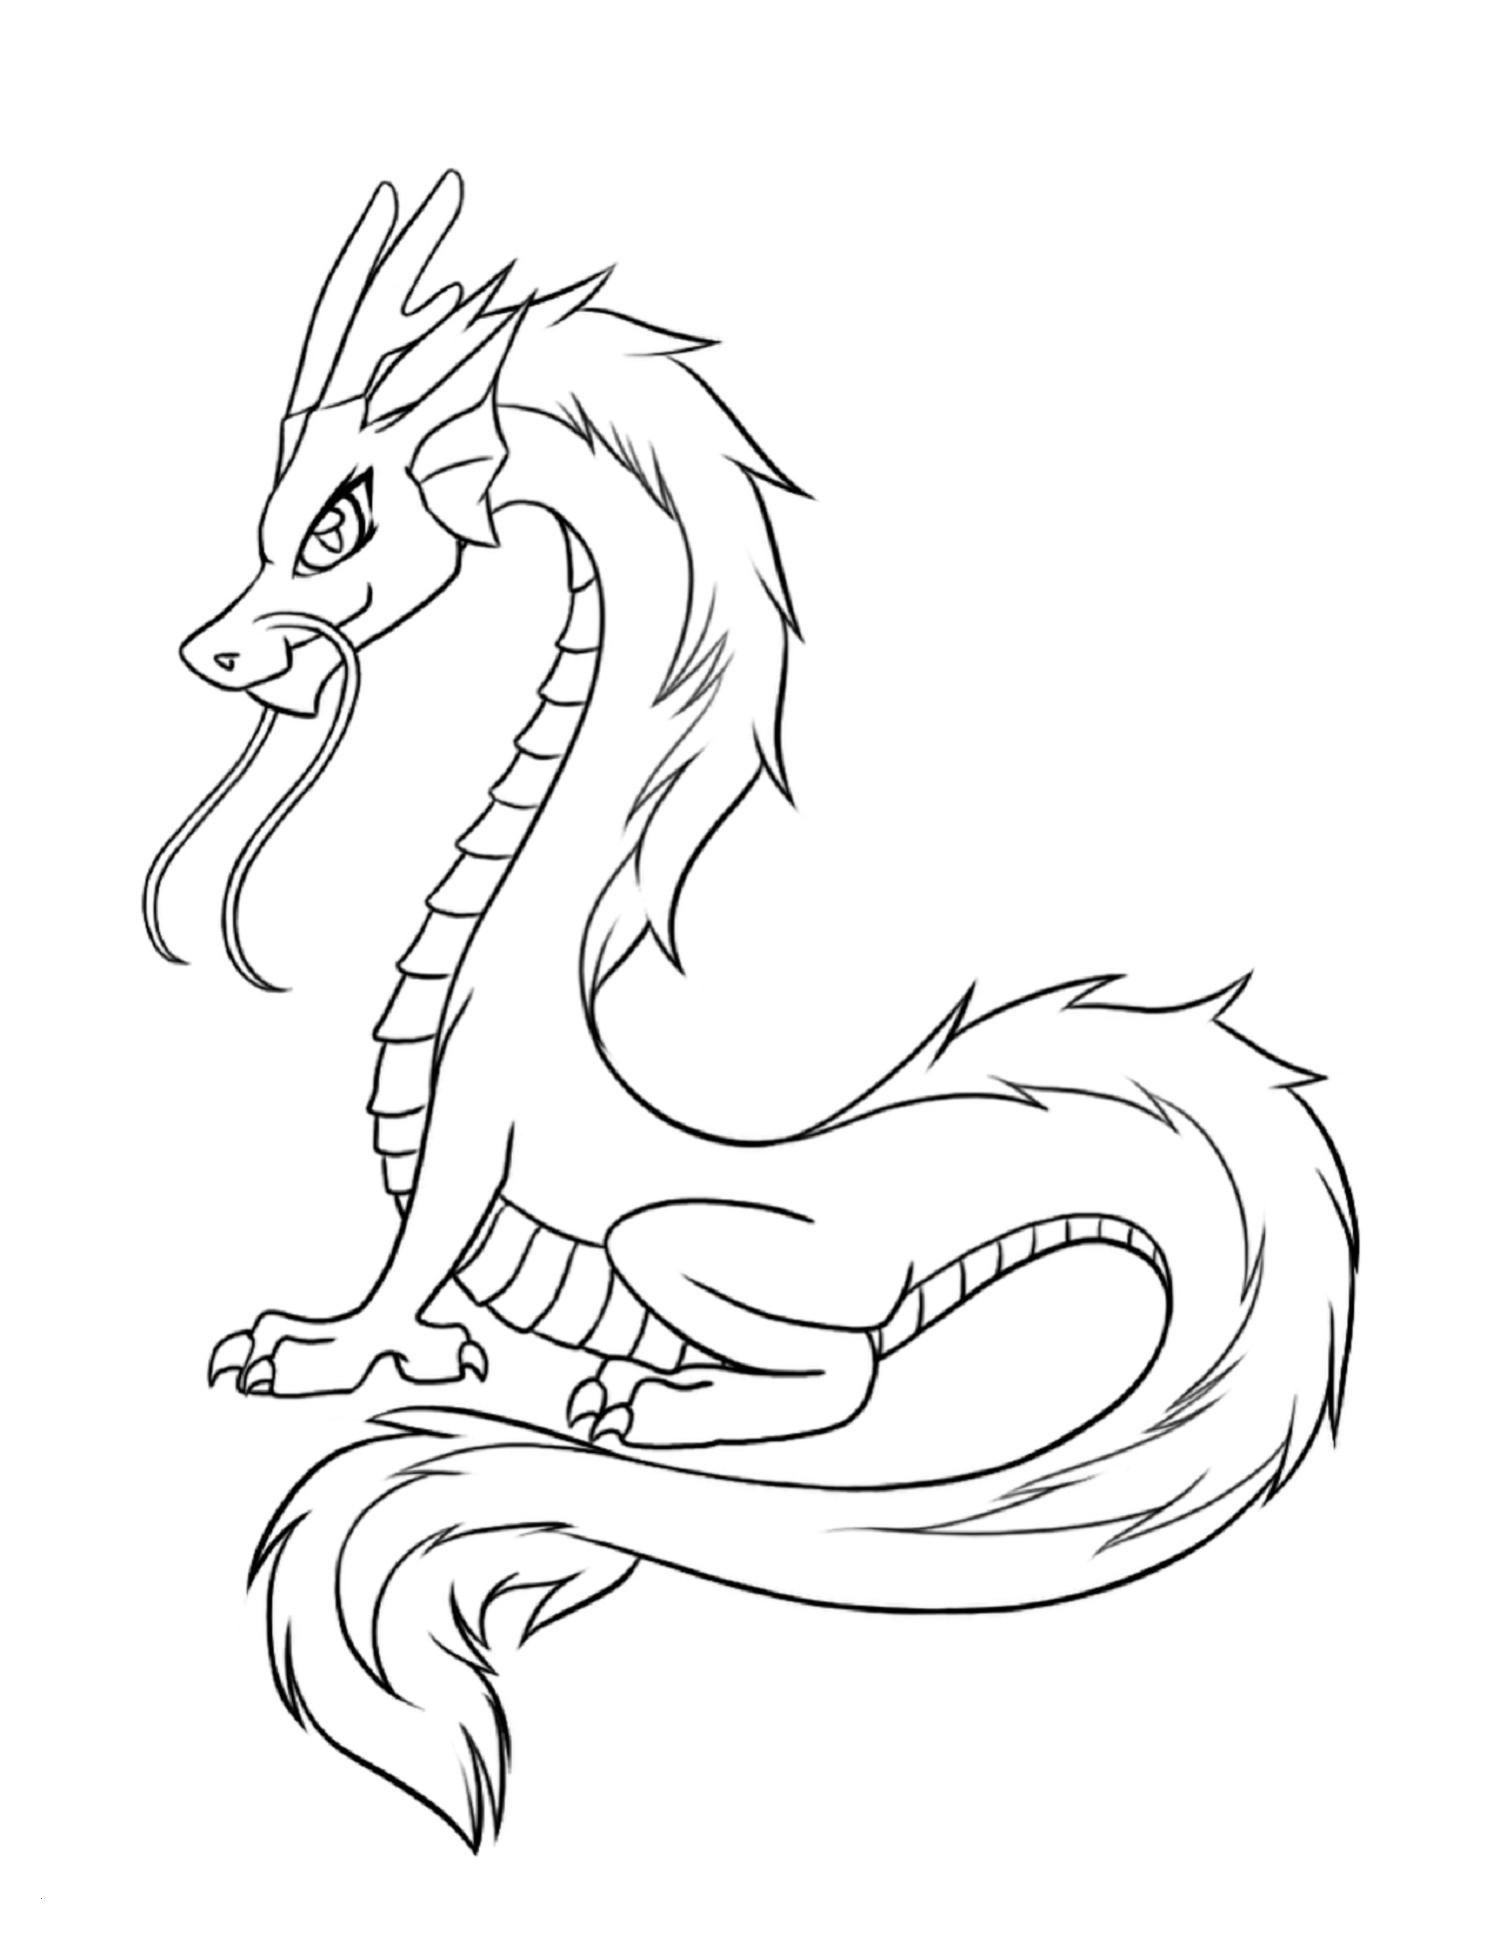 Drachen Bilder Zum Ausdrucken Kostenlos Das Beste Von Dragon Coloring Pages for Fun Coloring Schön Ausmalbilder Kostenlos Galerie